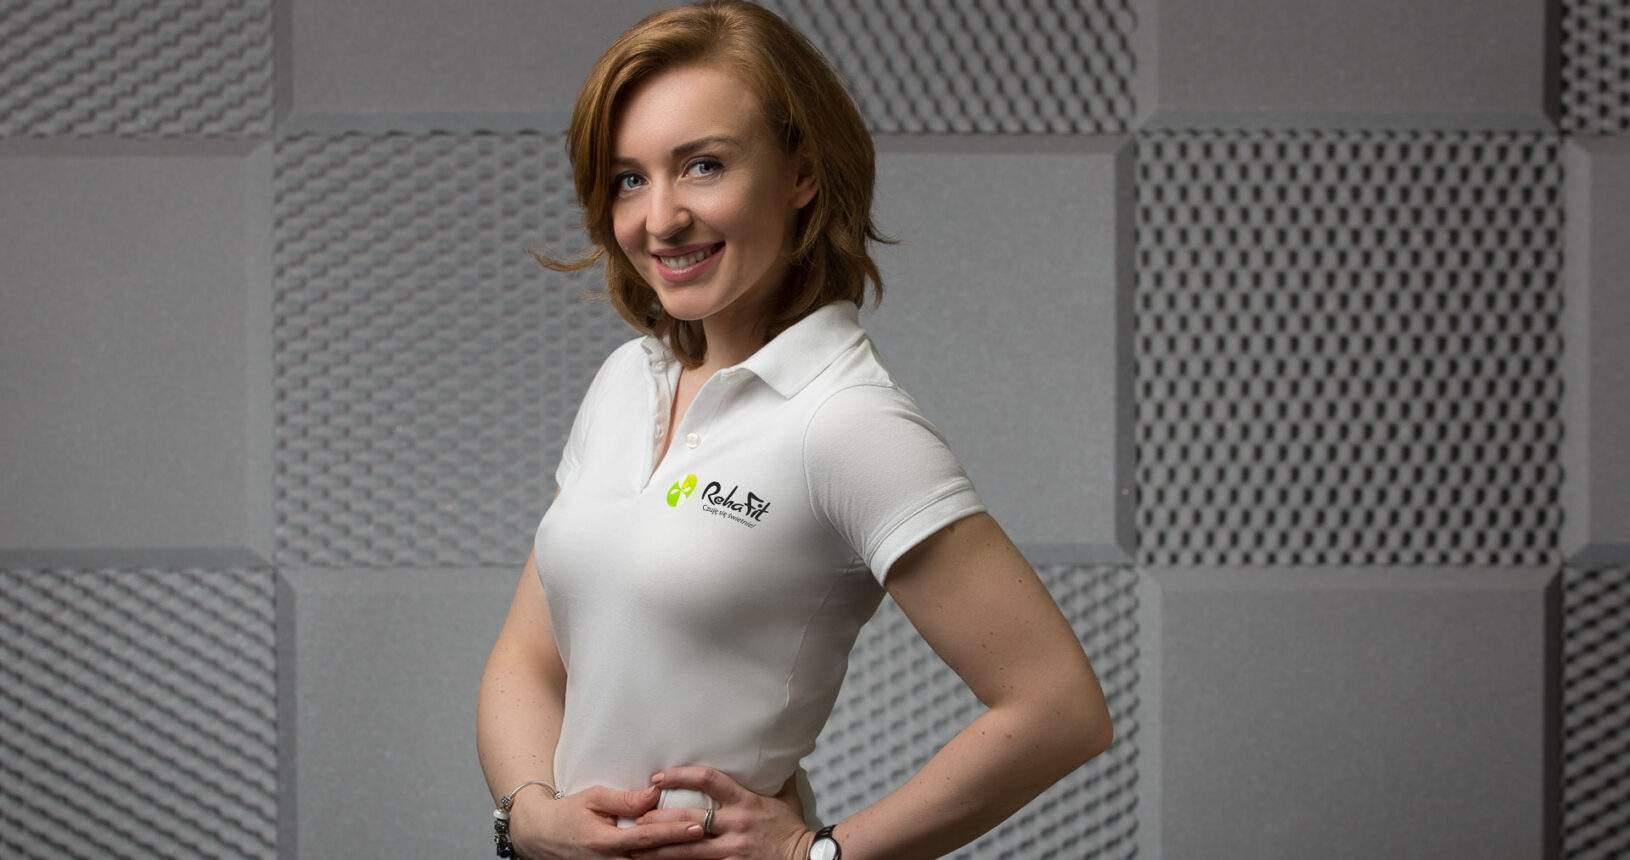 Właścicielka, fizjoterapeutka i trener personalny Kamila Kuźniar-Kosowska z Centrum rehabilitacji, masażu i treningu personalnego RehaFit we Wrocławiu.